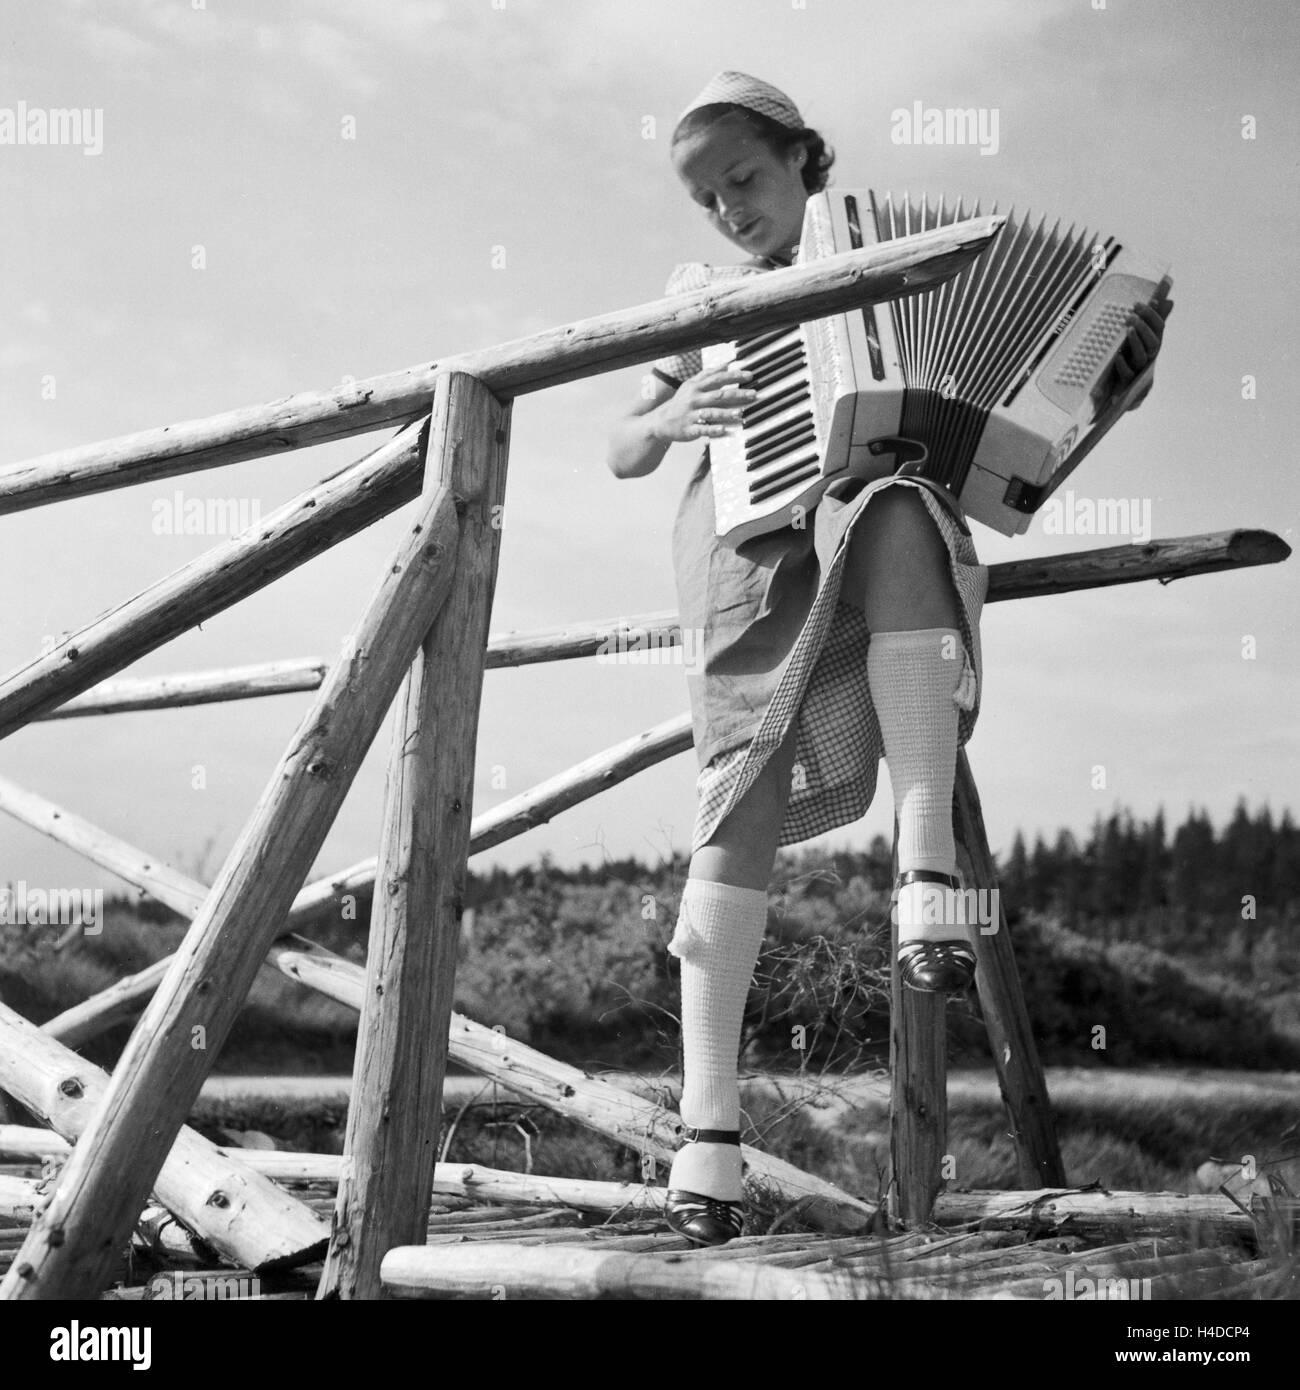 Eine Junge Frau Musiziert Mit Einem Akkordeon, 1930er Jahre Deutschland. Eine junge Frau spielt ihr Akkordeon, Deutschland Stockbild